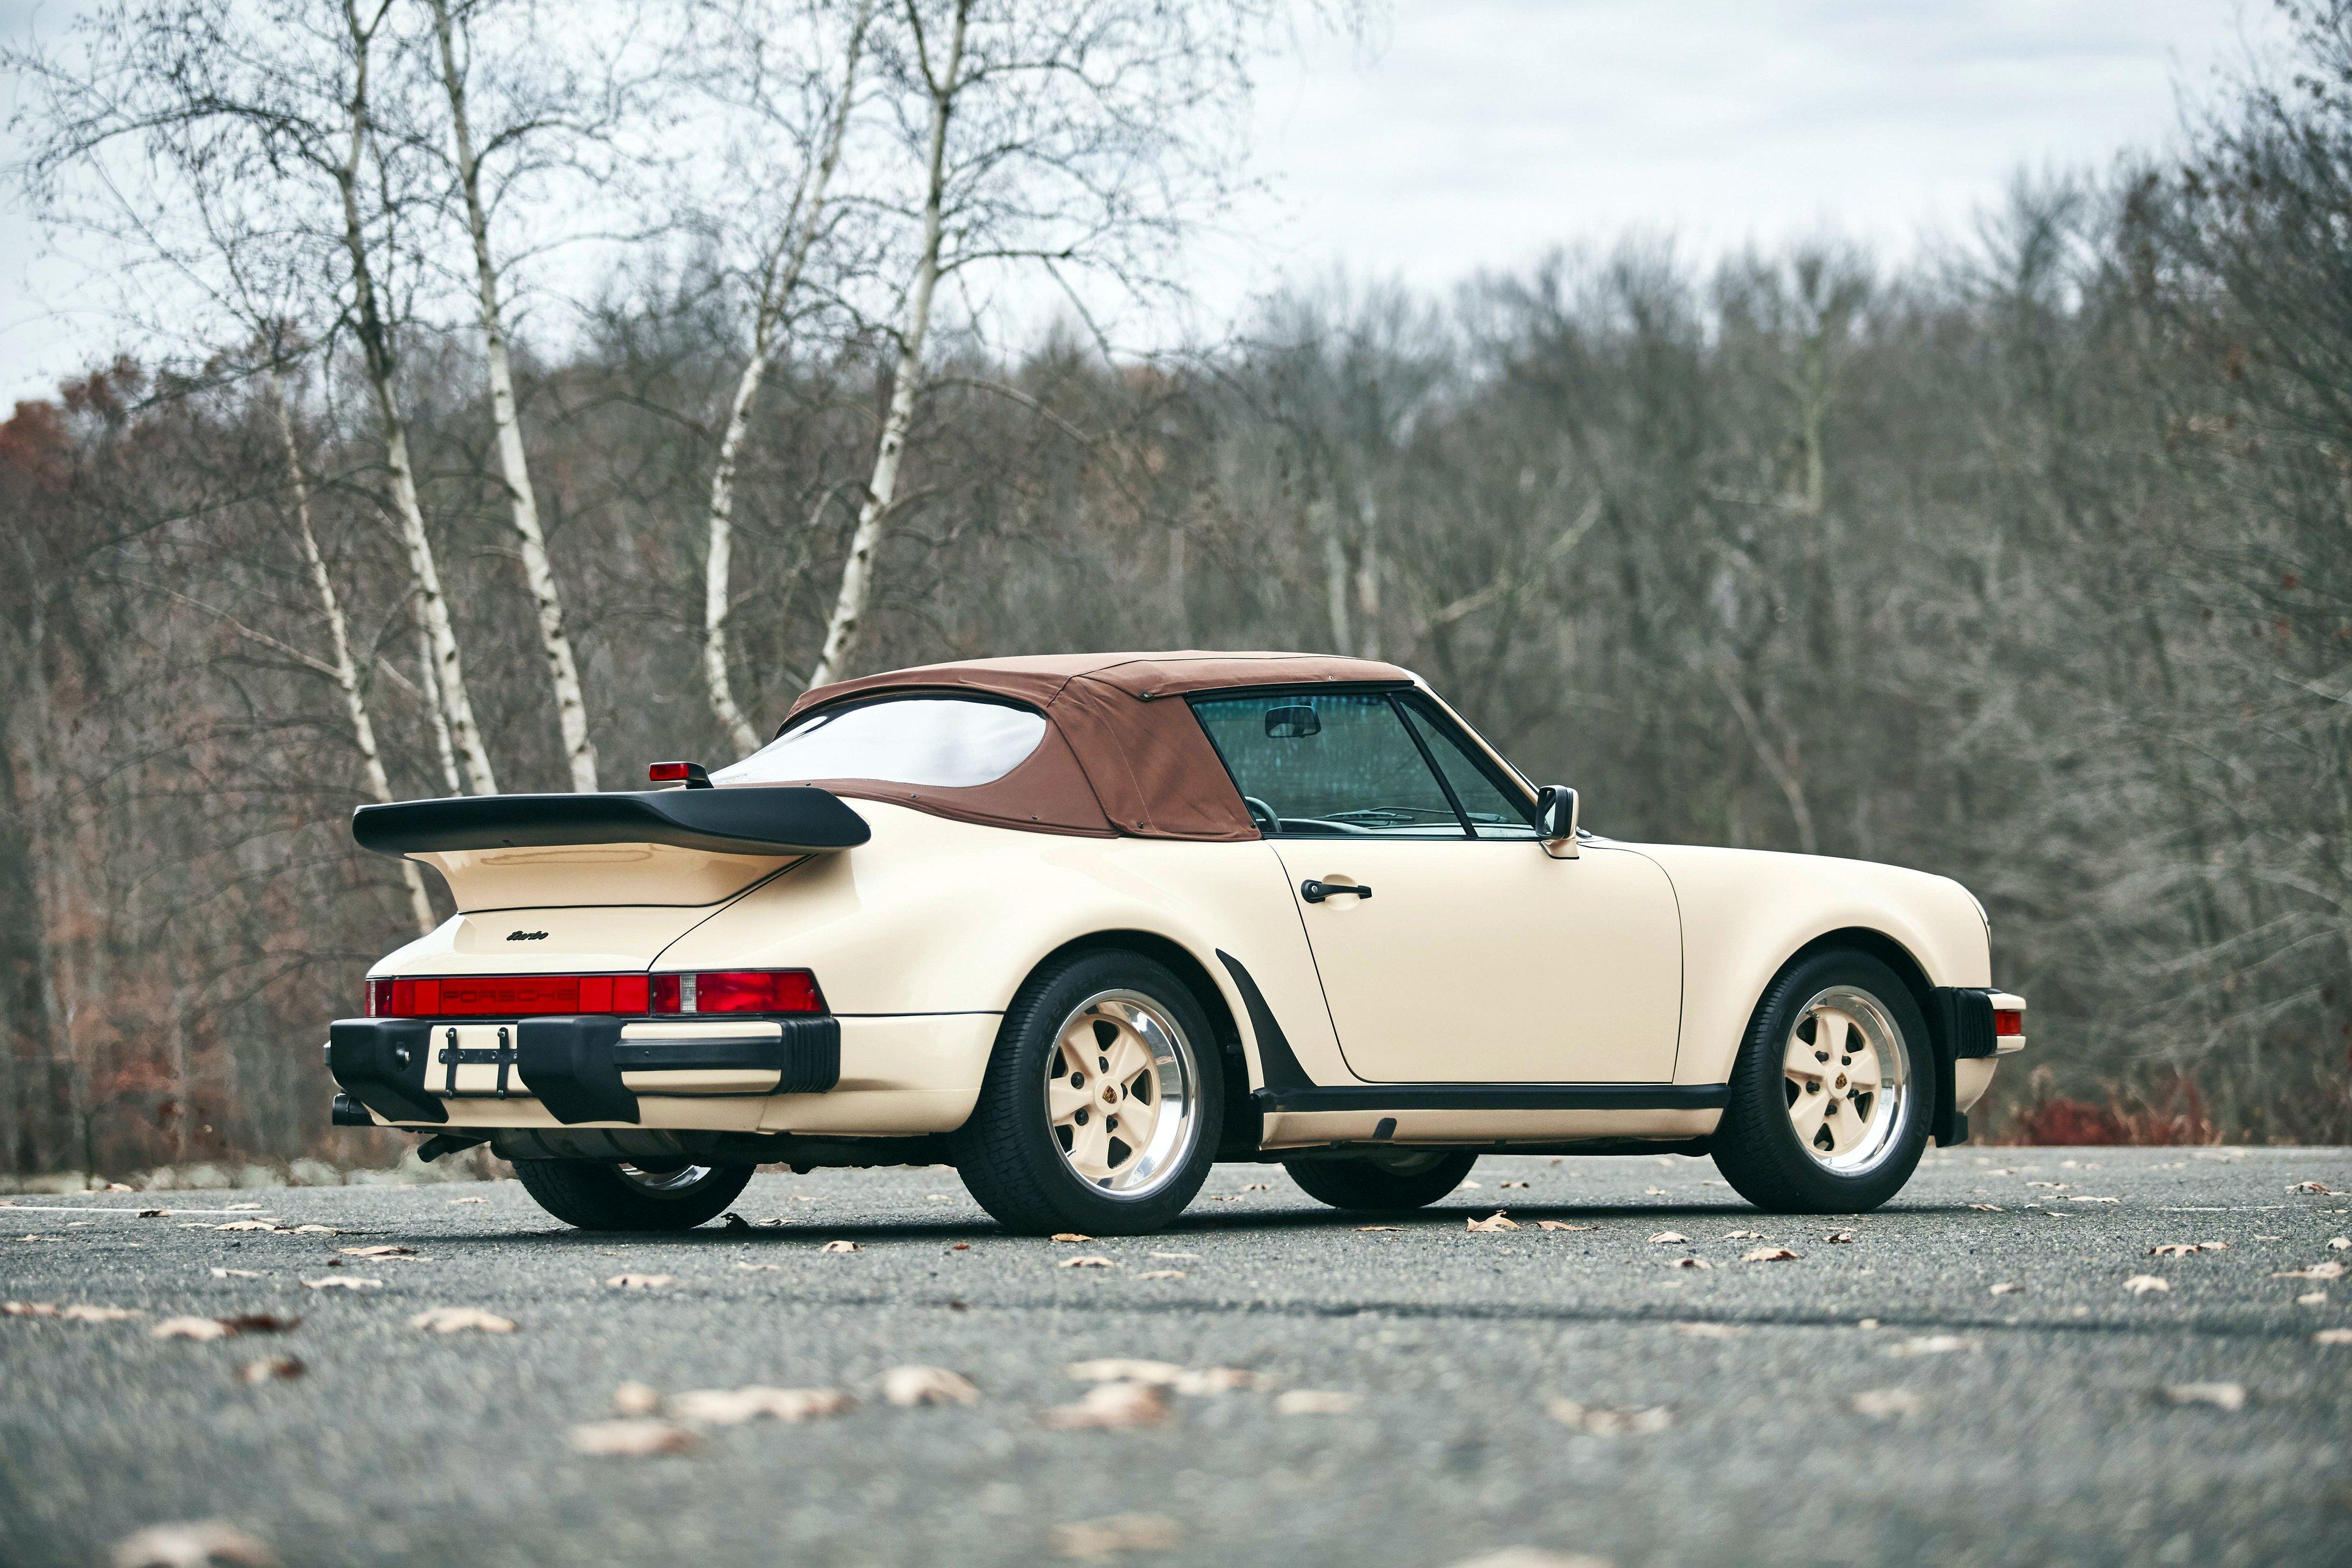 1986 porsche 911 wallpaper images hd cars wallpaper 1986 porsche 911 turbo 3 3 cabriolet us spec 930 wallpaper 1986 porsche 911 turbo 3 vanachro Gallery